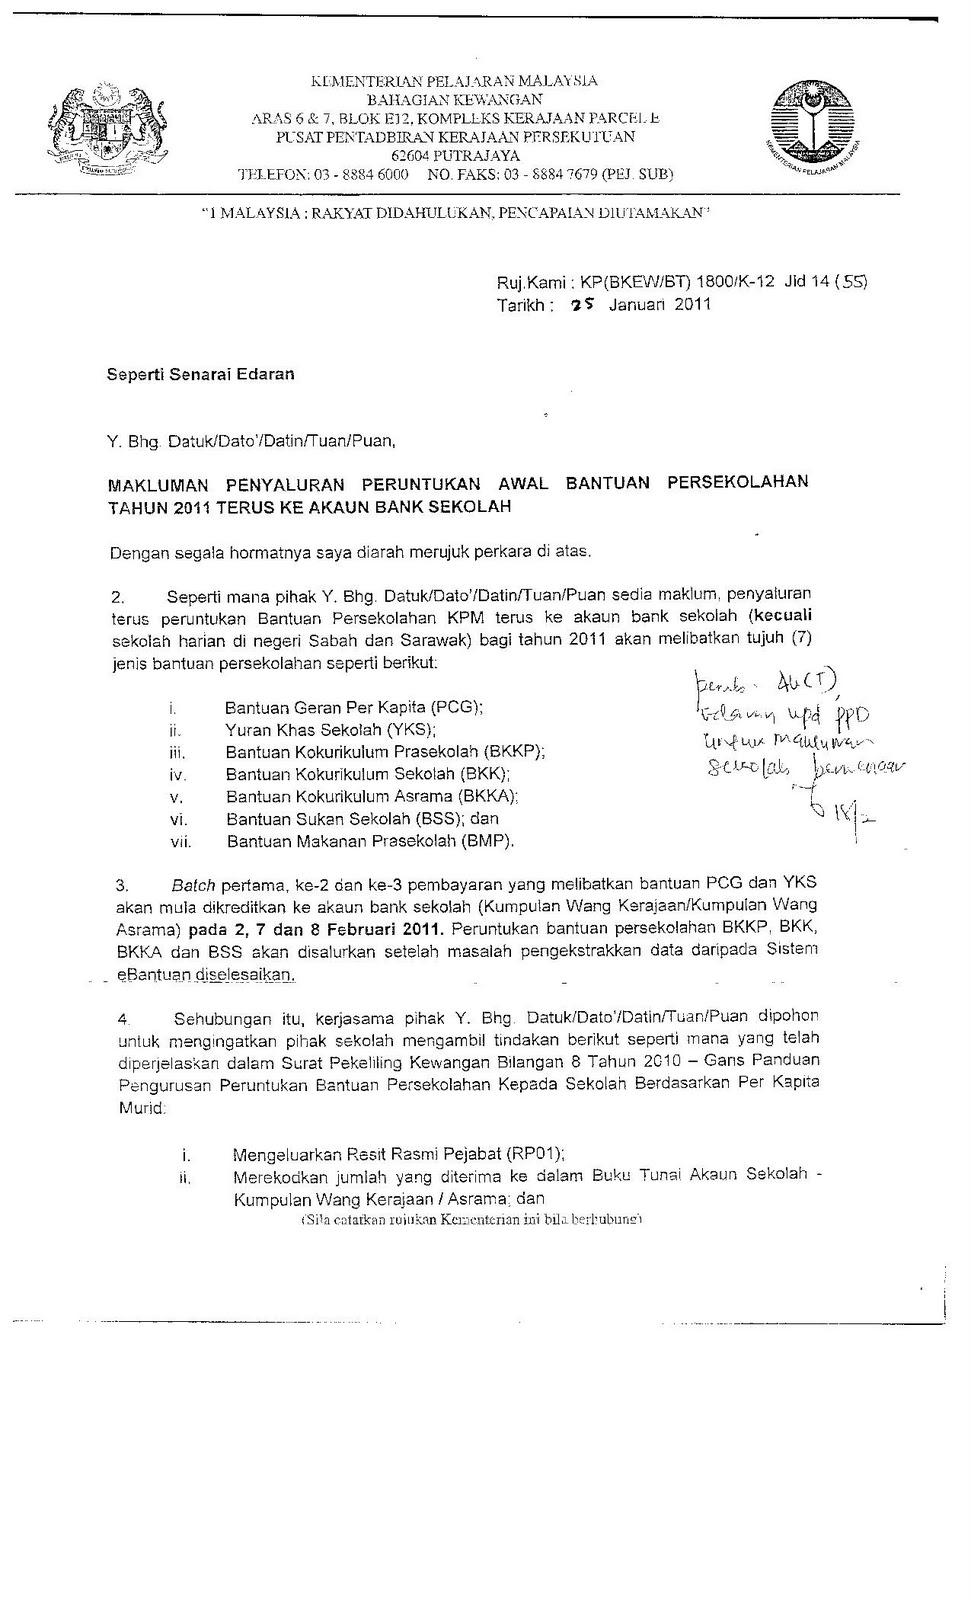 Contoh Surat Rasmi Permohonan Penyata Bank Cimb Surat R